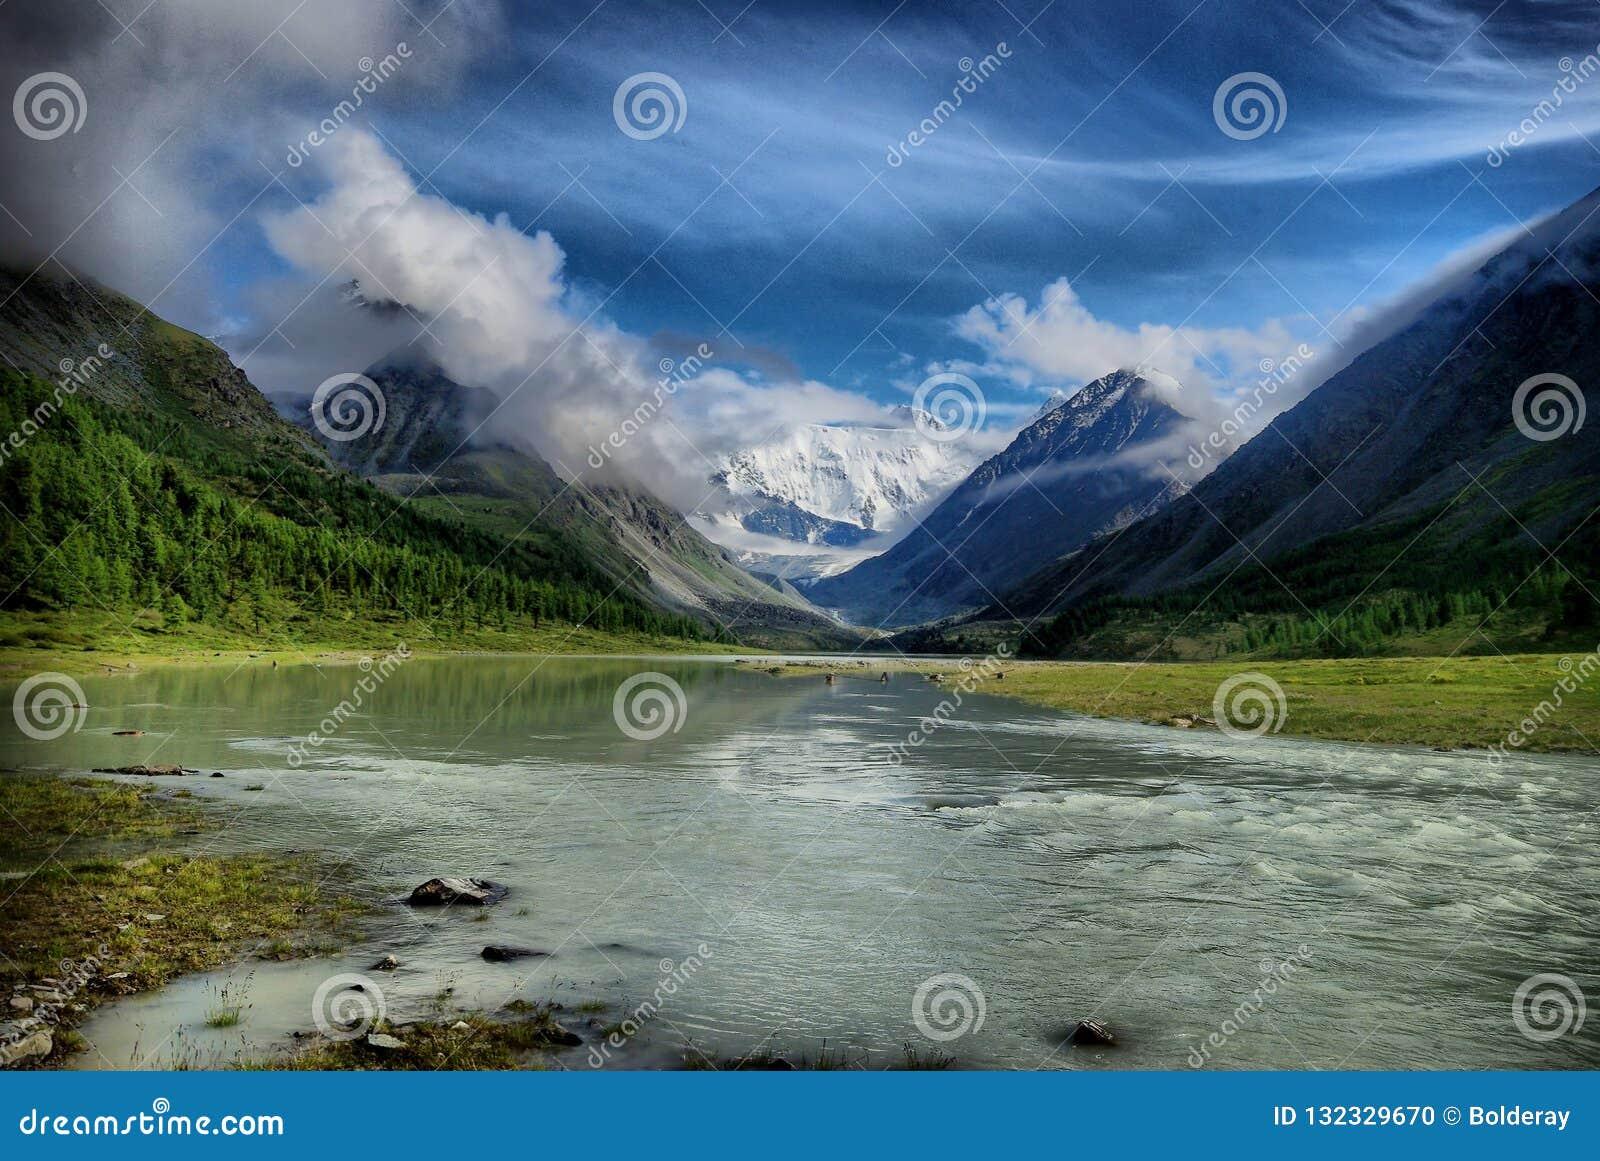 La rivière dans les collines du Sikhote-Alin Une rivière de taiga La rivière avec les rivages boisés et le ciel sans nuages bleu